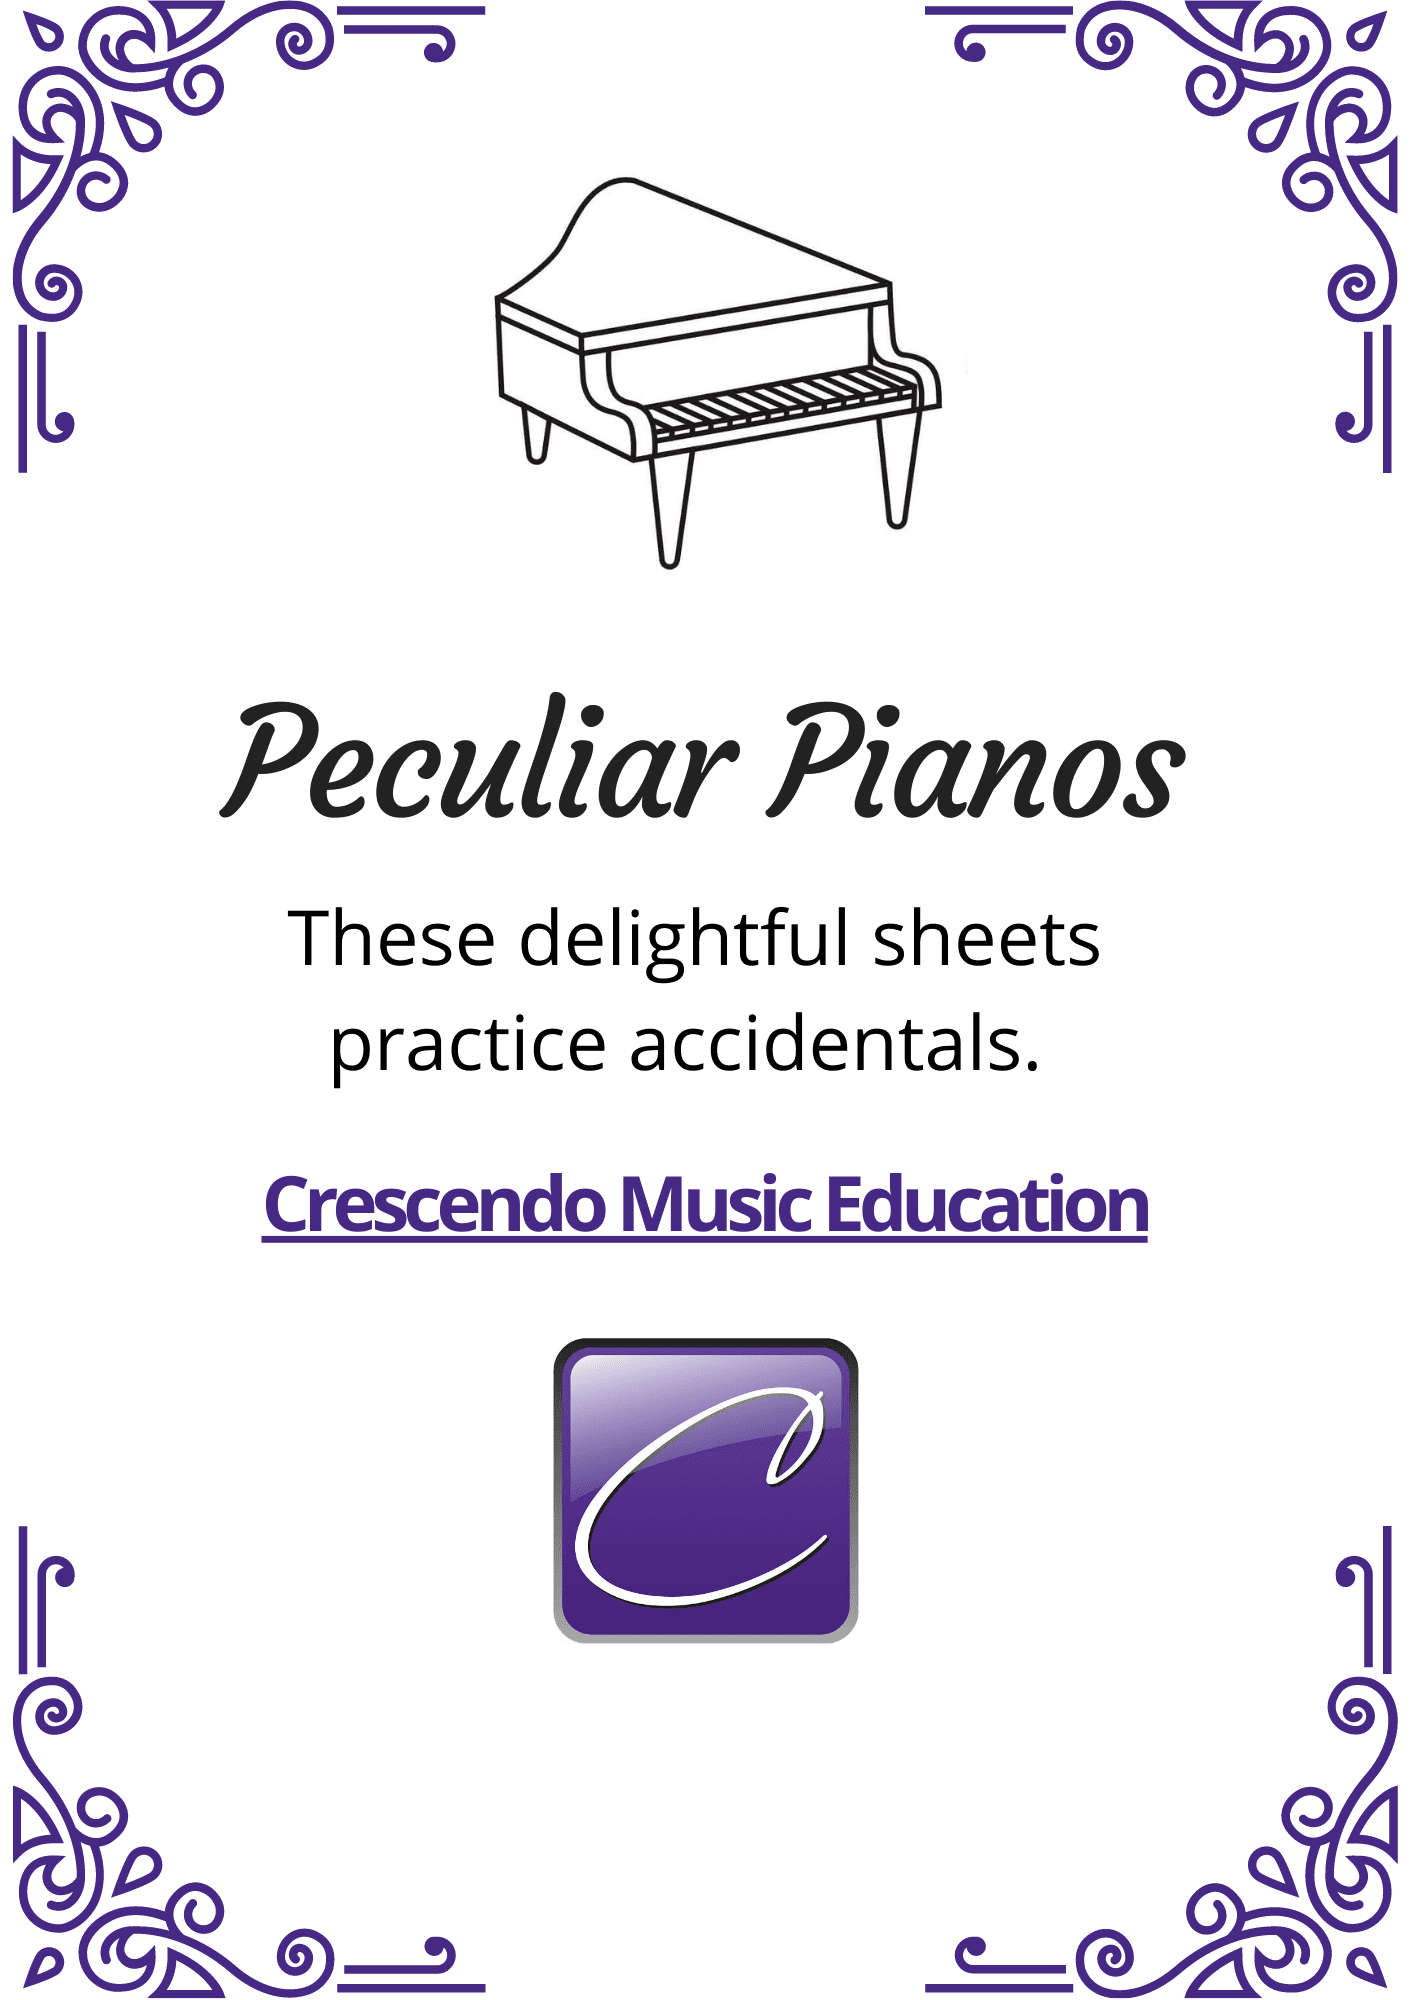 Peculiar Pianos